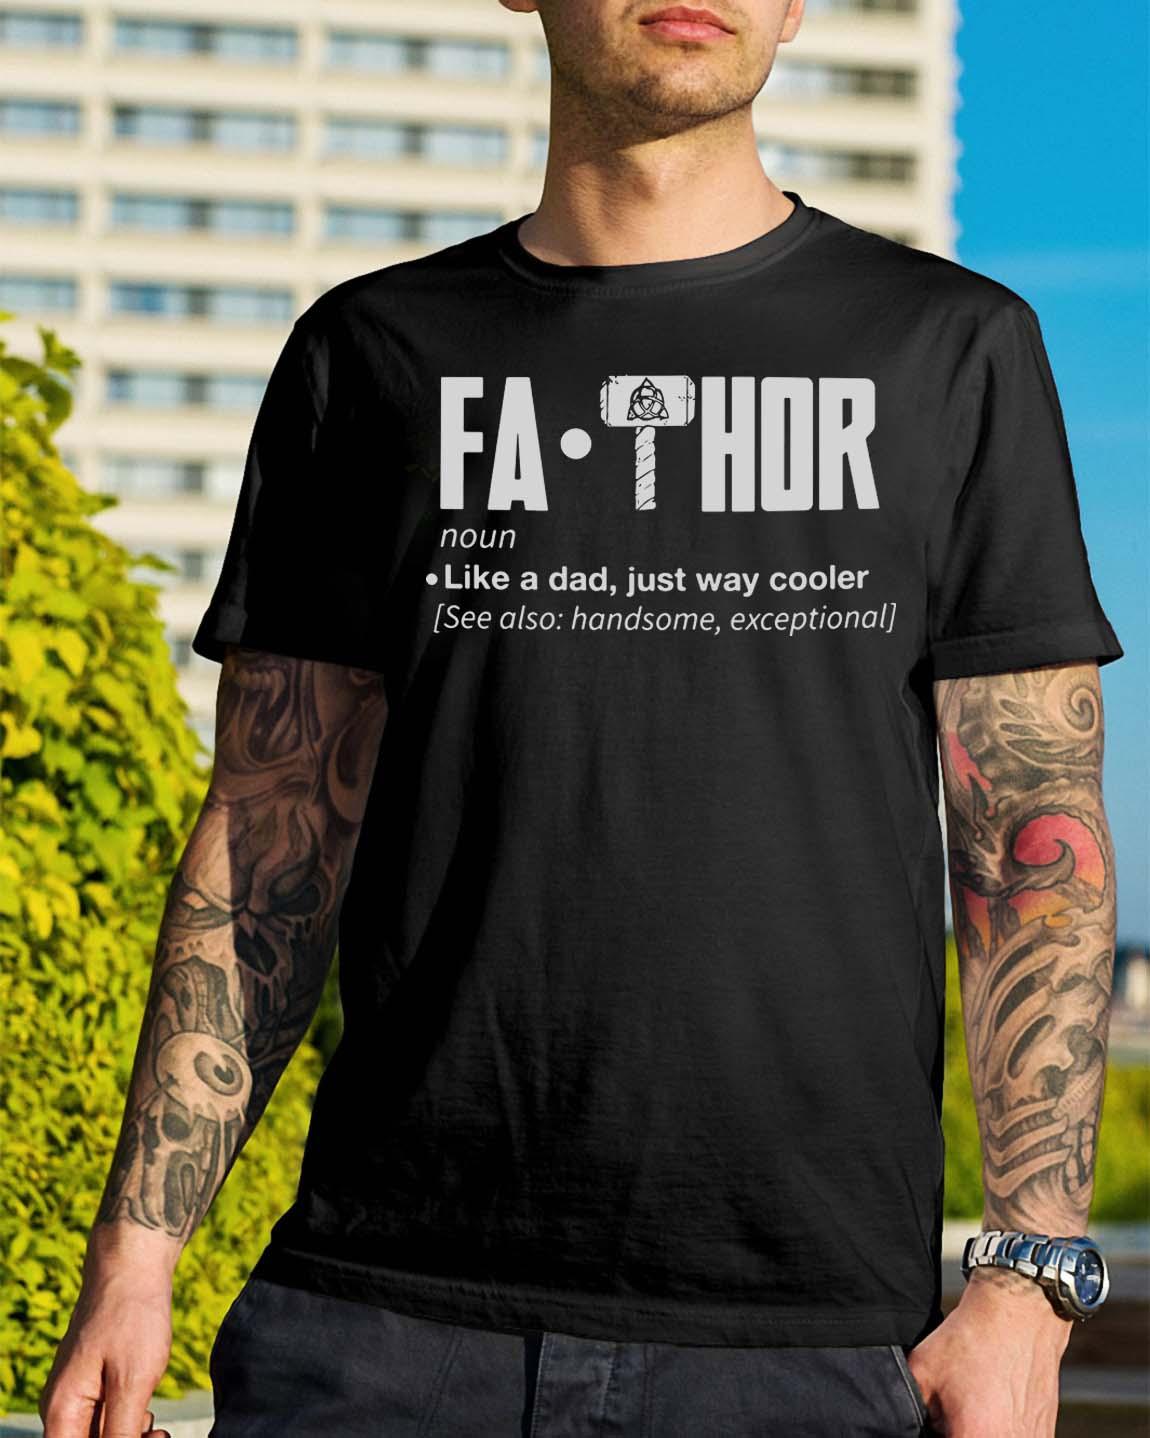 dc69d974 Fa-Thor noun like a dad just way cooler shirt, hoodie, sweater